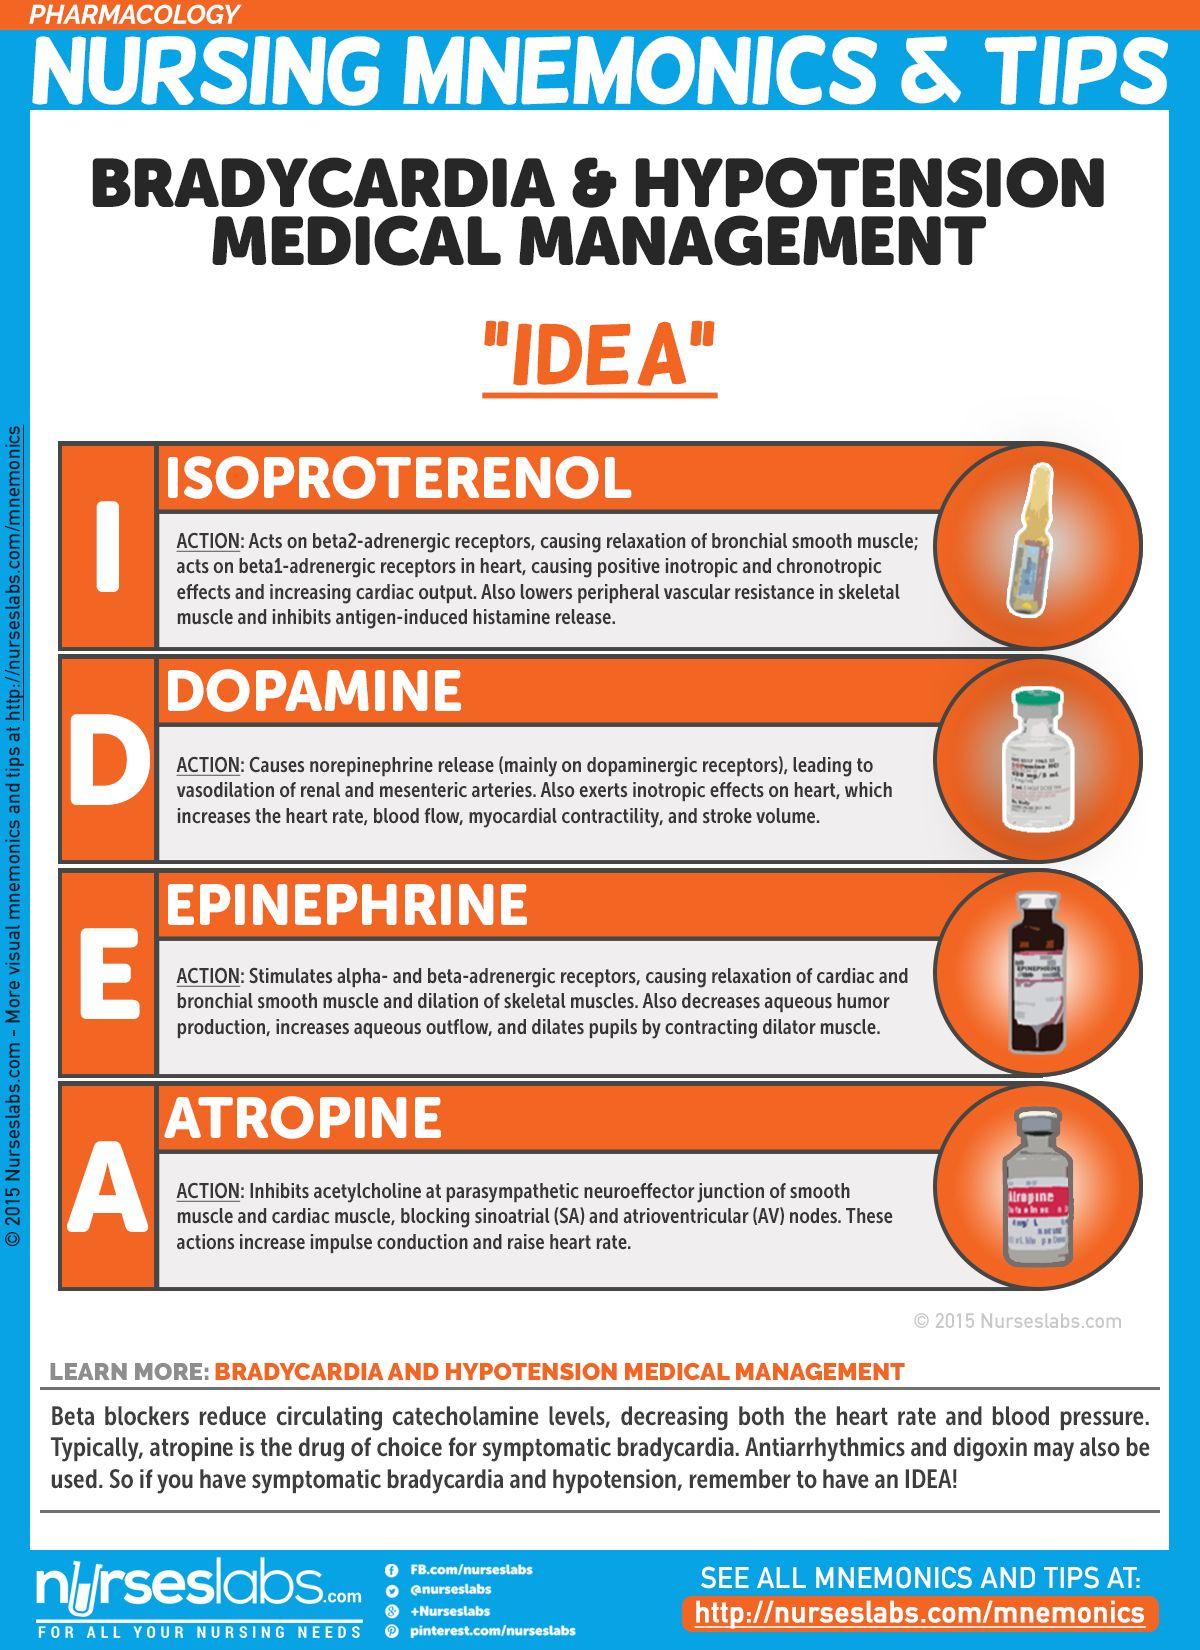 Bradycardia: Symptoms and Treatment 4